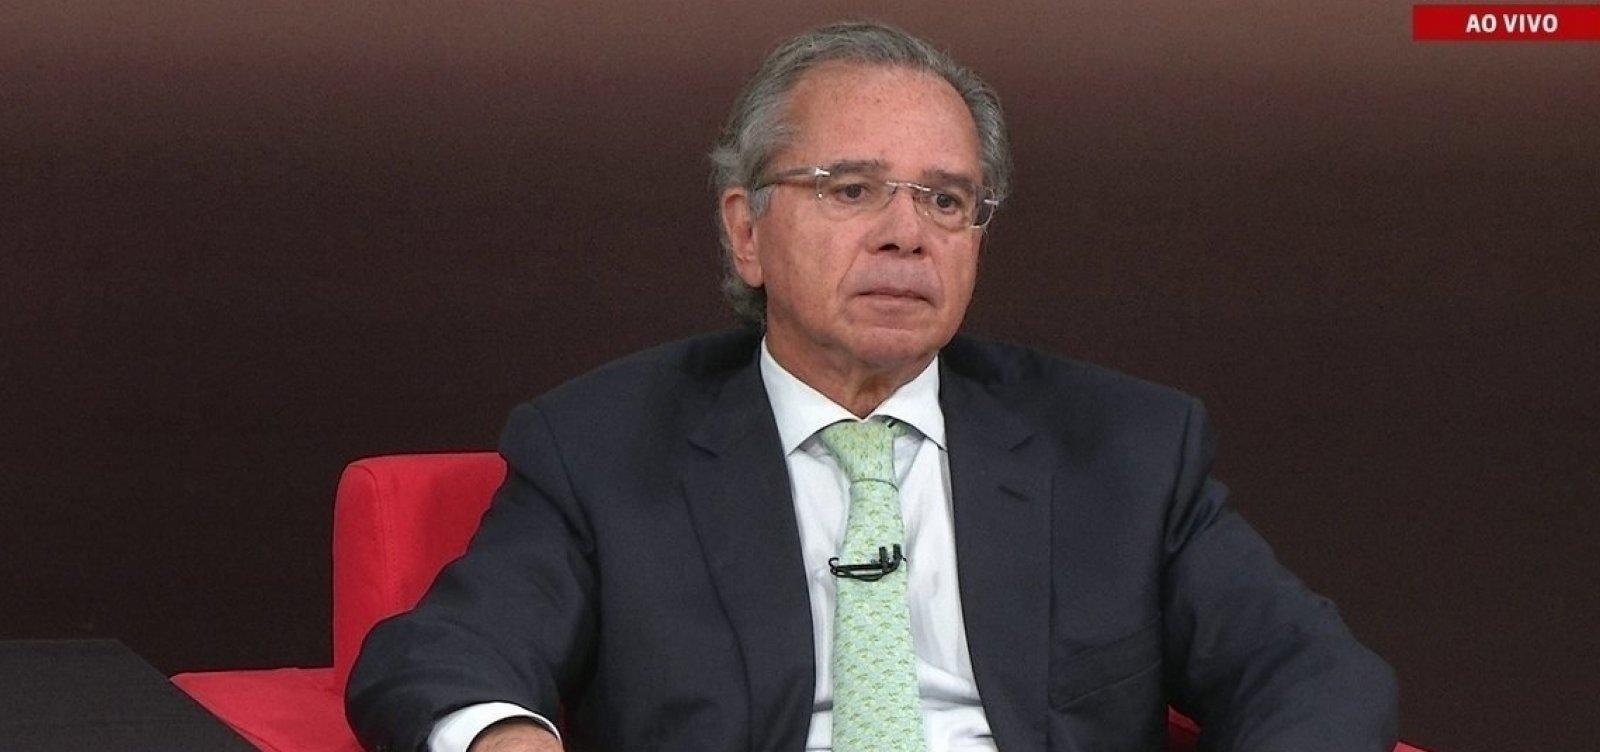 [Paulo Guedes diz que polêmica envolvendo CPMF 'foi um equívoco enorme']